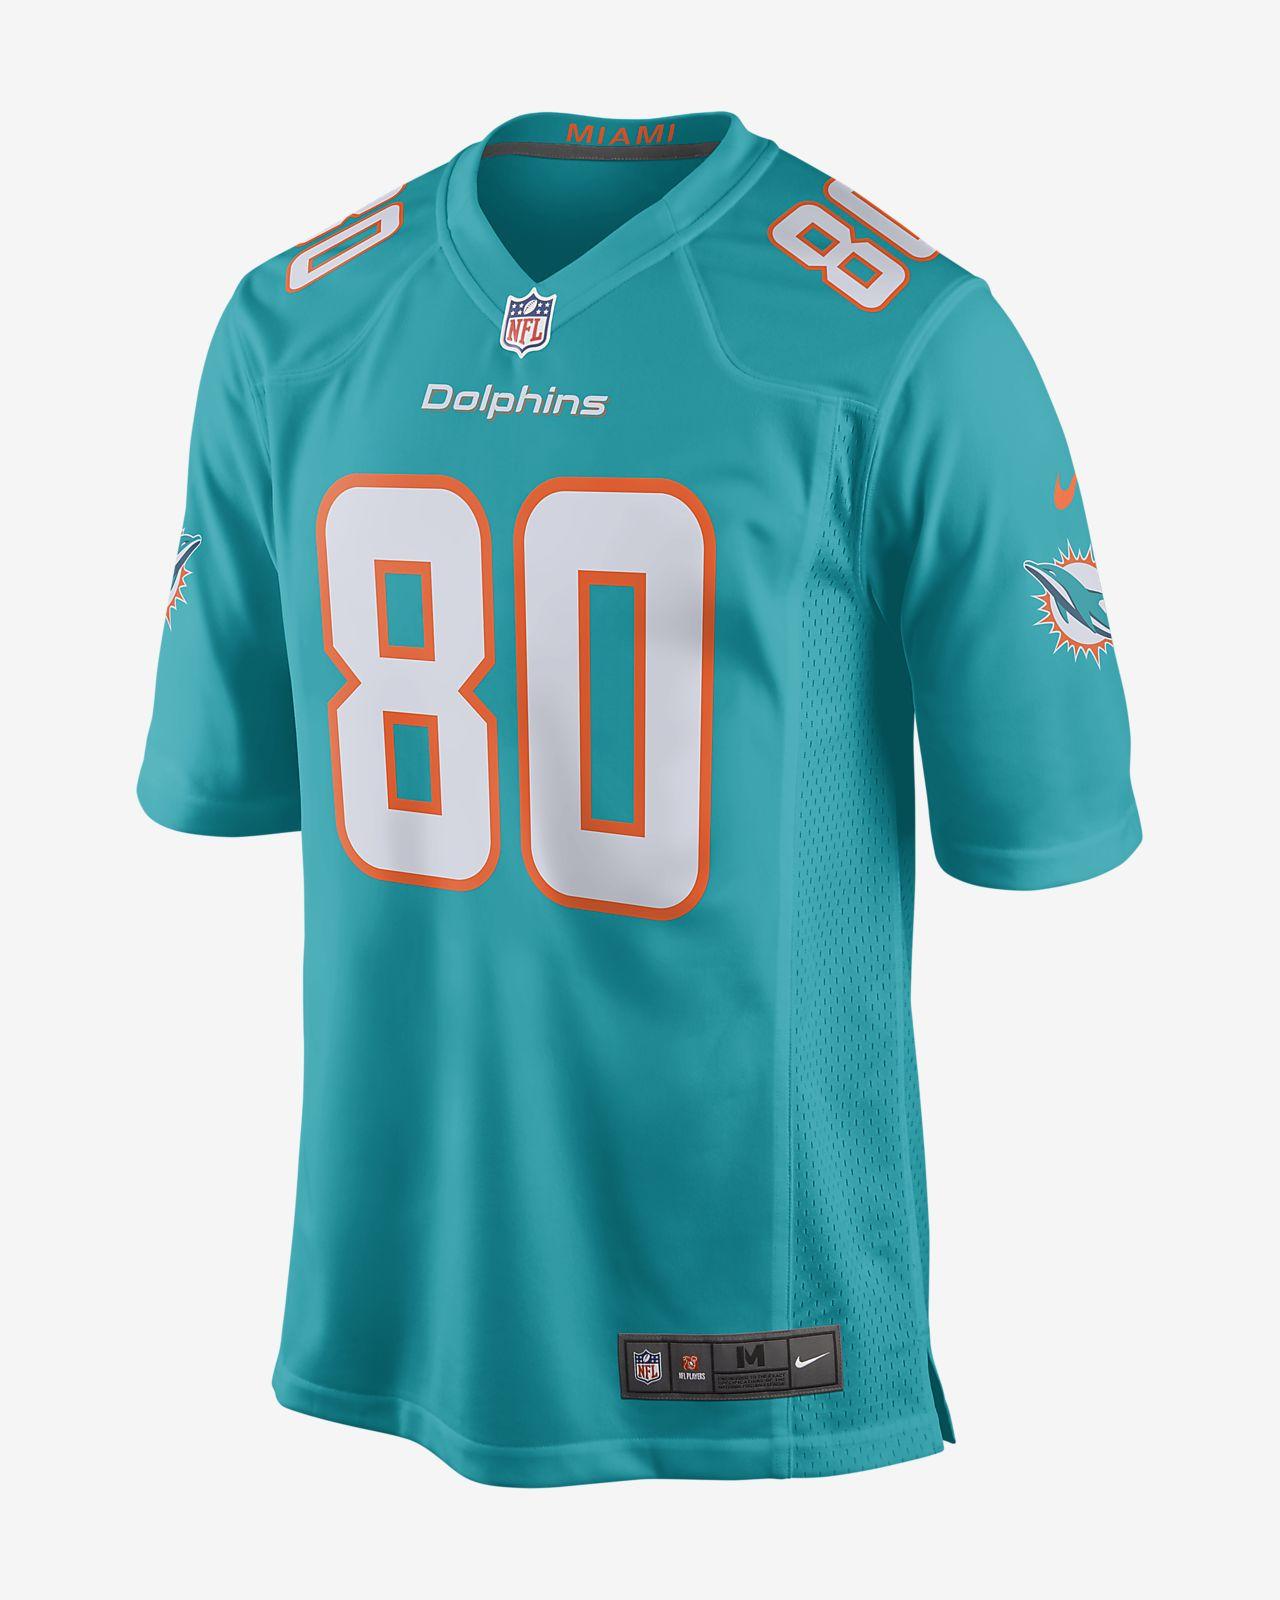 Ανδρική φανέλα αμερικανικού ποδοσφαίρου NFL Miami Dolphins (Danny Amendola)